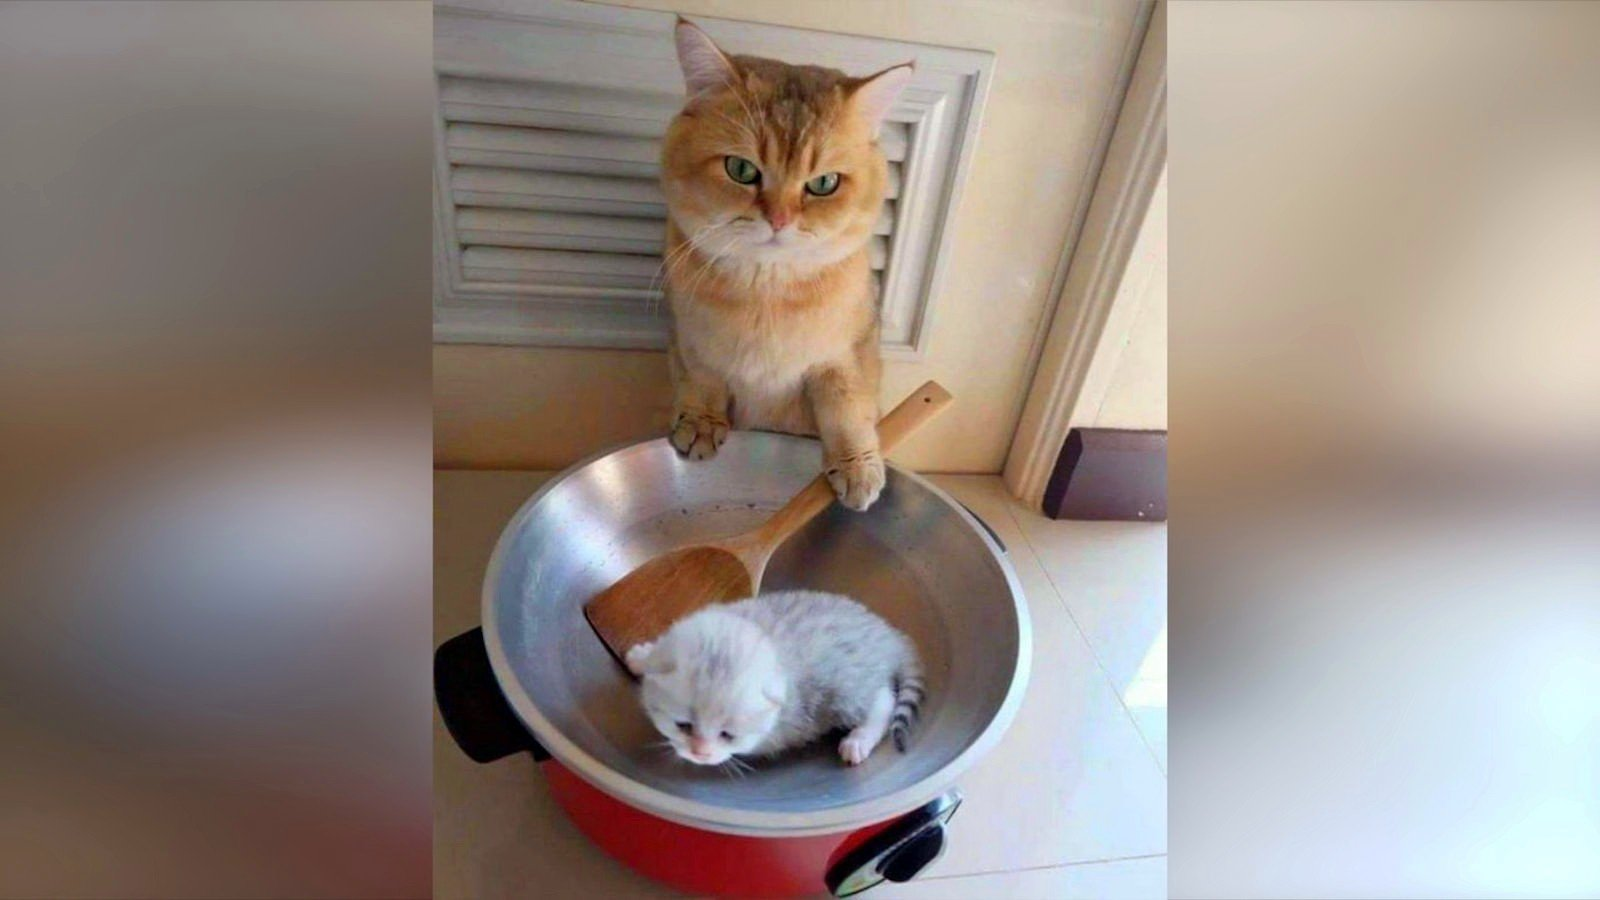 картинки кошек самые смешные до слез будущее